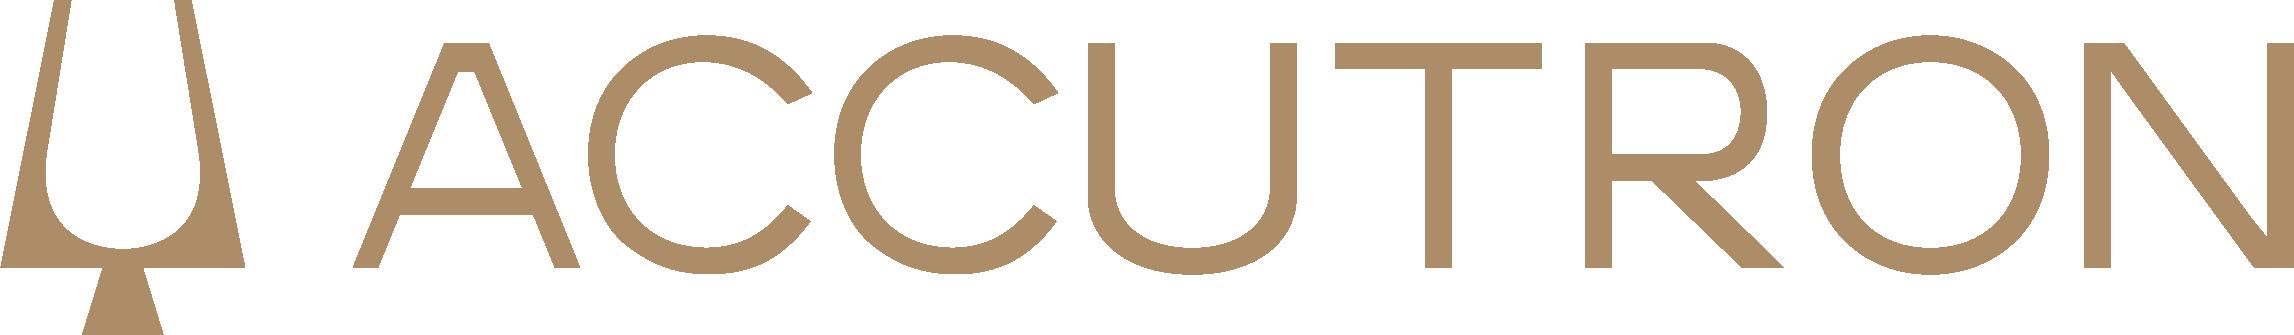 Official Accutron Watch Retailer